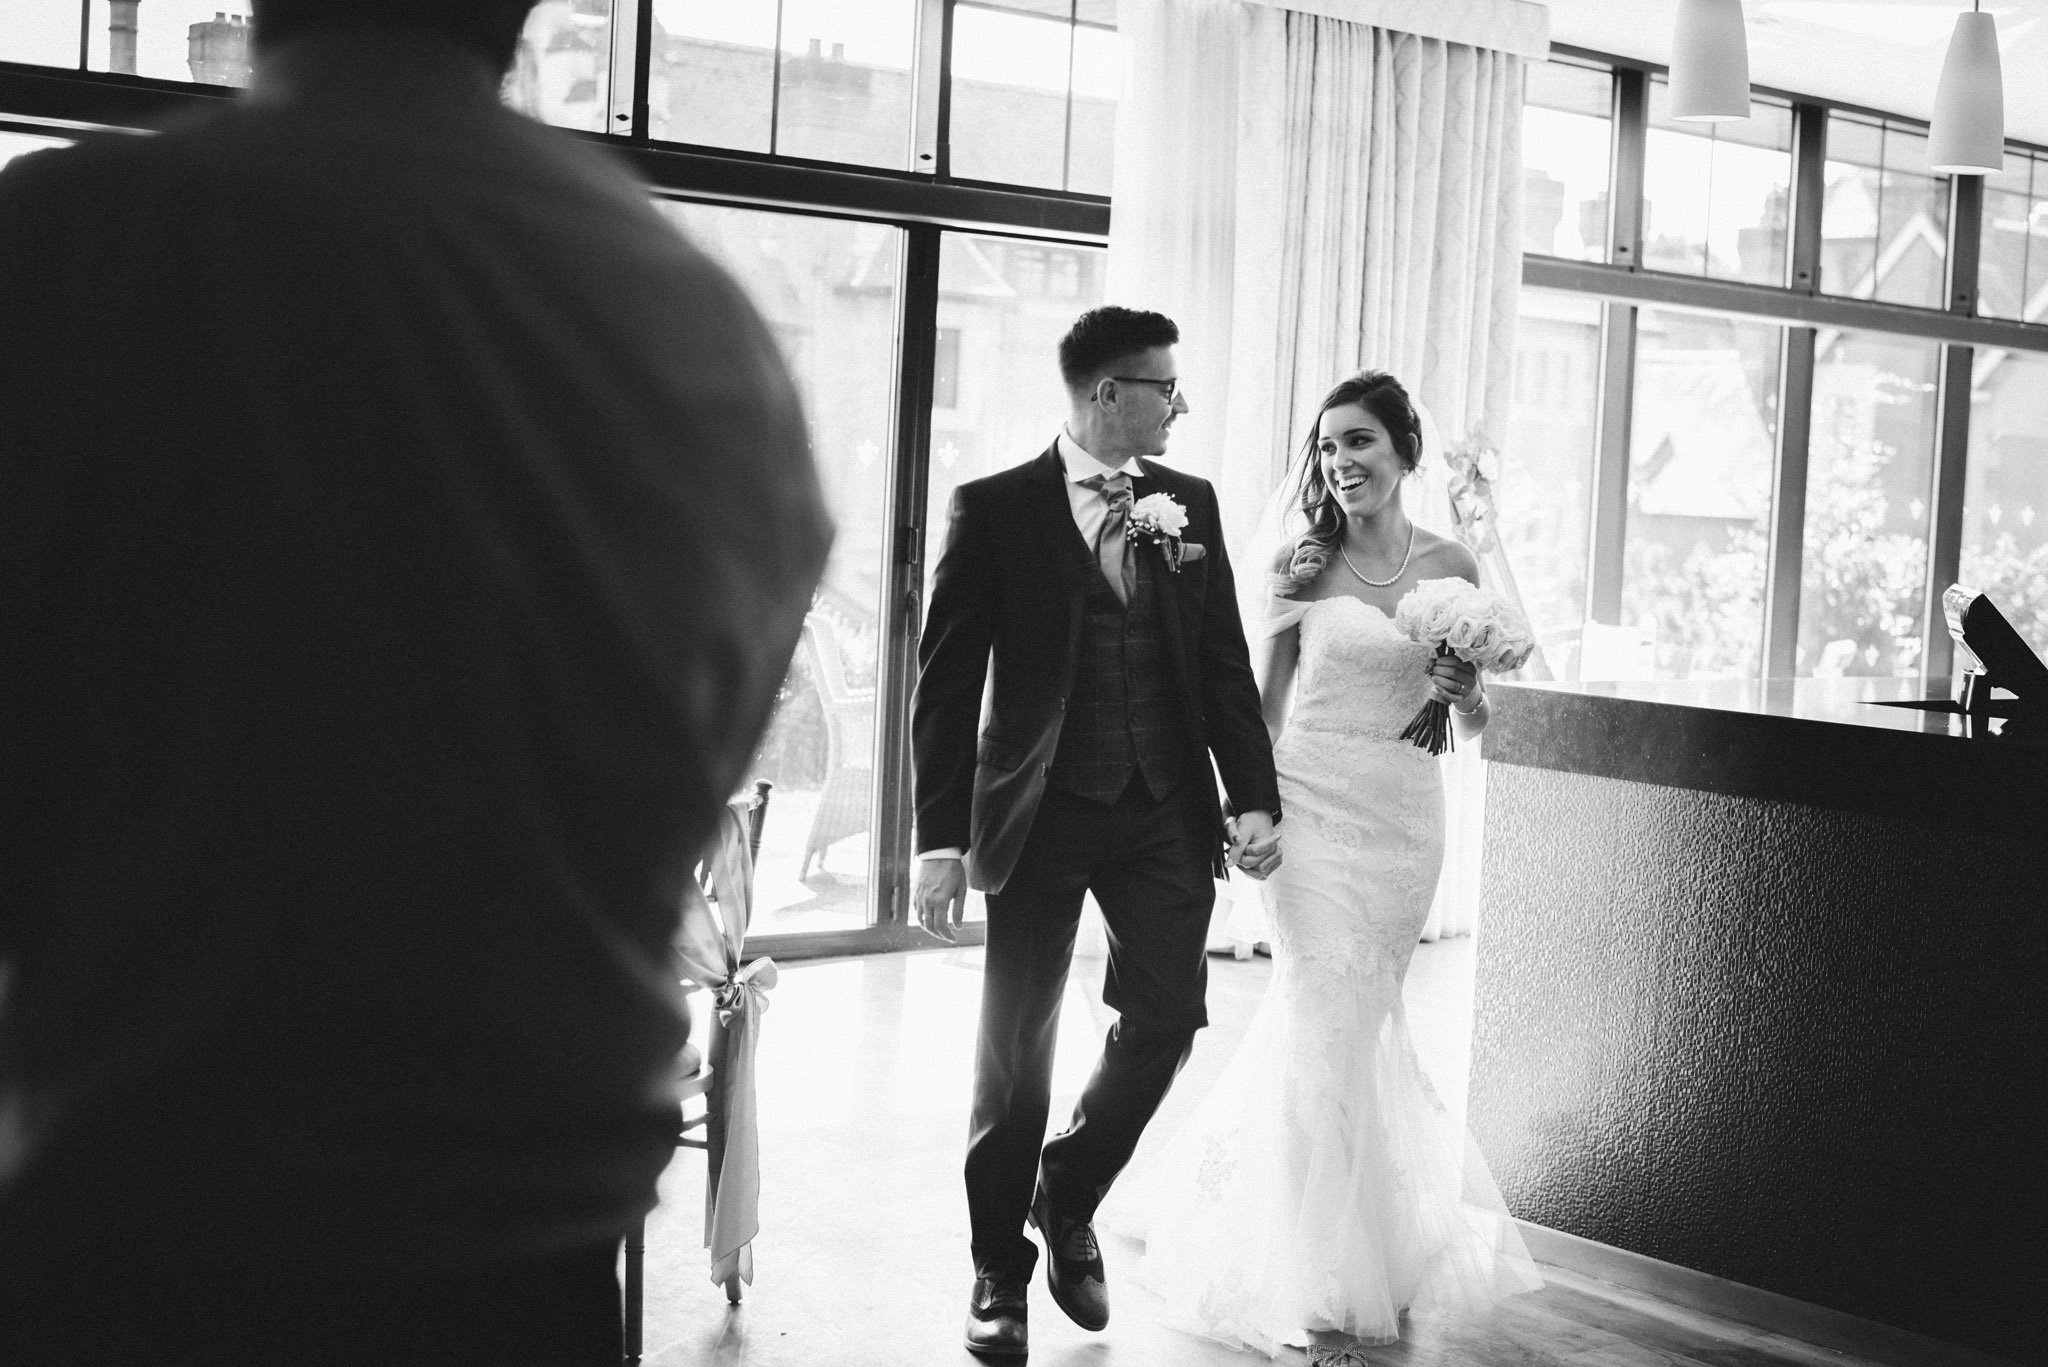 scott-stockwell-wedding-photographer-wood-norton-evesham273.jpg